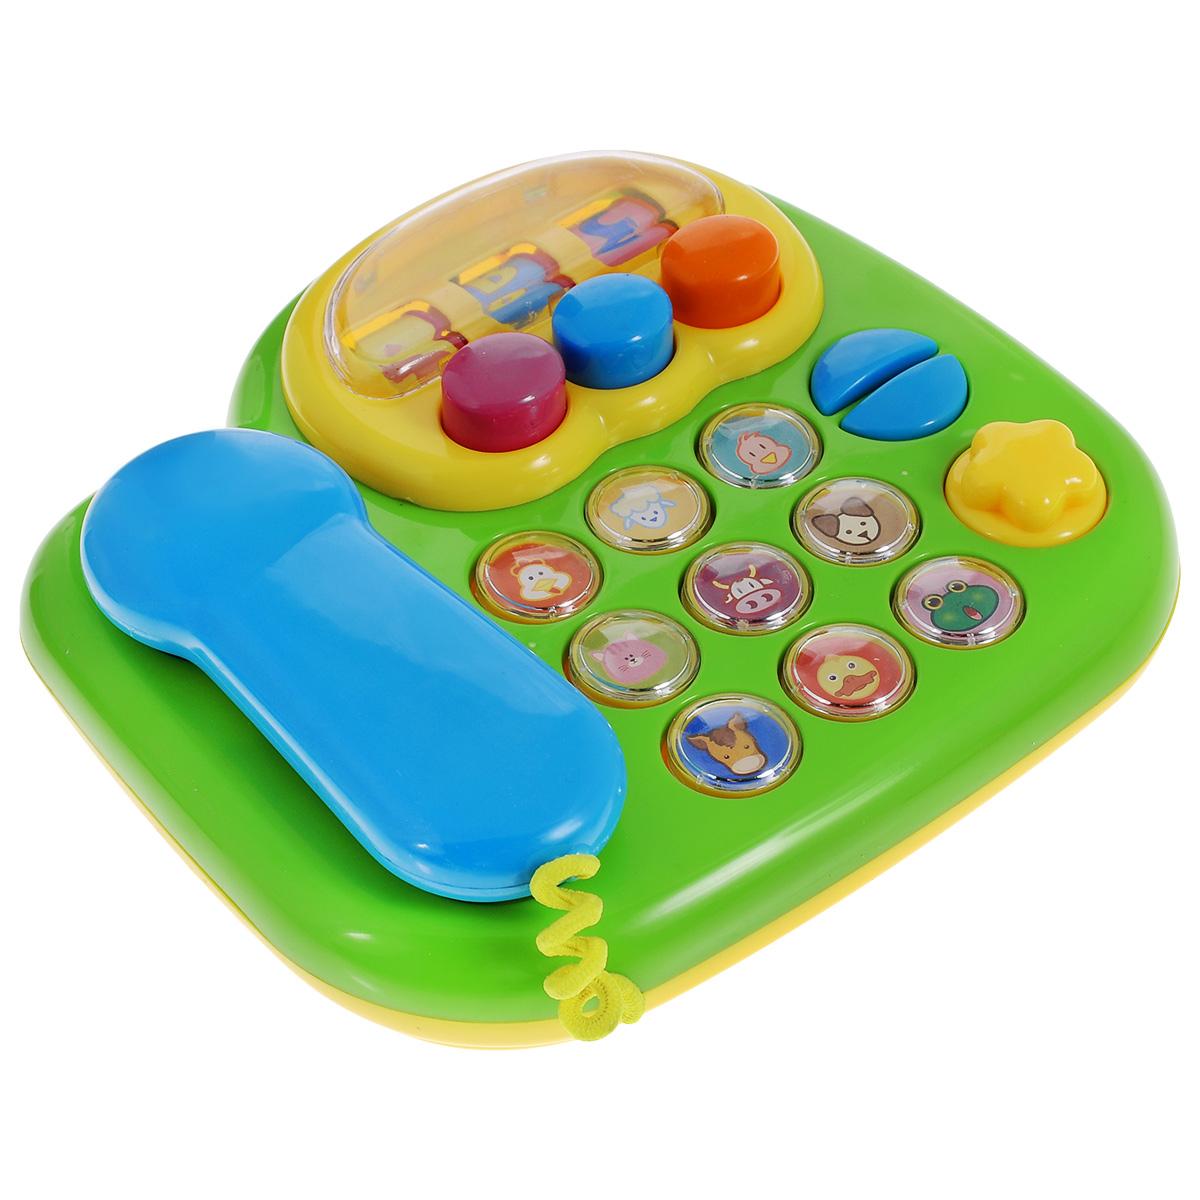 Игрушка Mioshi Музыкальный телефонTY9056Игрушка Mioshi Музыкальный телефон не оставит равнодушным вашего малыша, заранее привлекая его внимание радужной окраской и крупными, разноцветными кнопочками, а также веселой музыкой с имитацией звуков животных. Удобная для детских ручек игрушка способствует развитию мелкой моторики, восприятия формы и цвета предметов, а также слуха и зрения. Дети в раннем возрасте всегда очень любознательны, они тщательно исследуют все, что попадает им в руки. Заботясь о здоровье и безопасности малышей, Mioshi выпускает только качественную продукцию, которая прошла сертификацию.